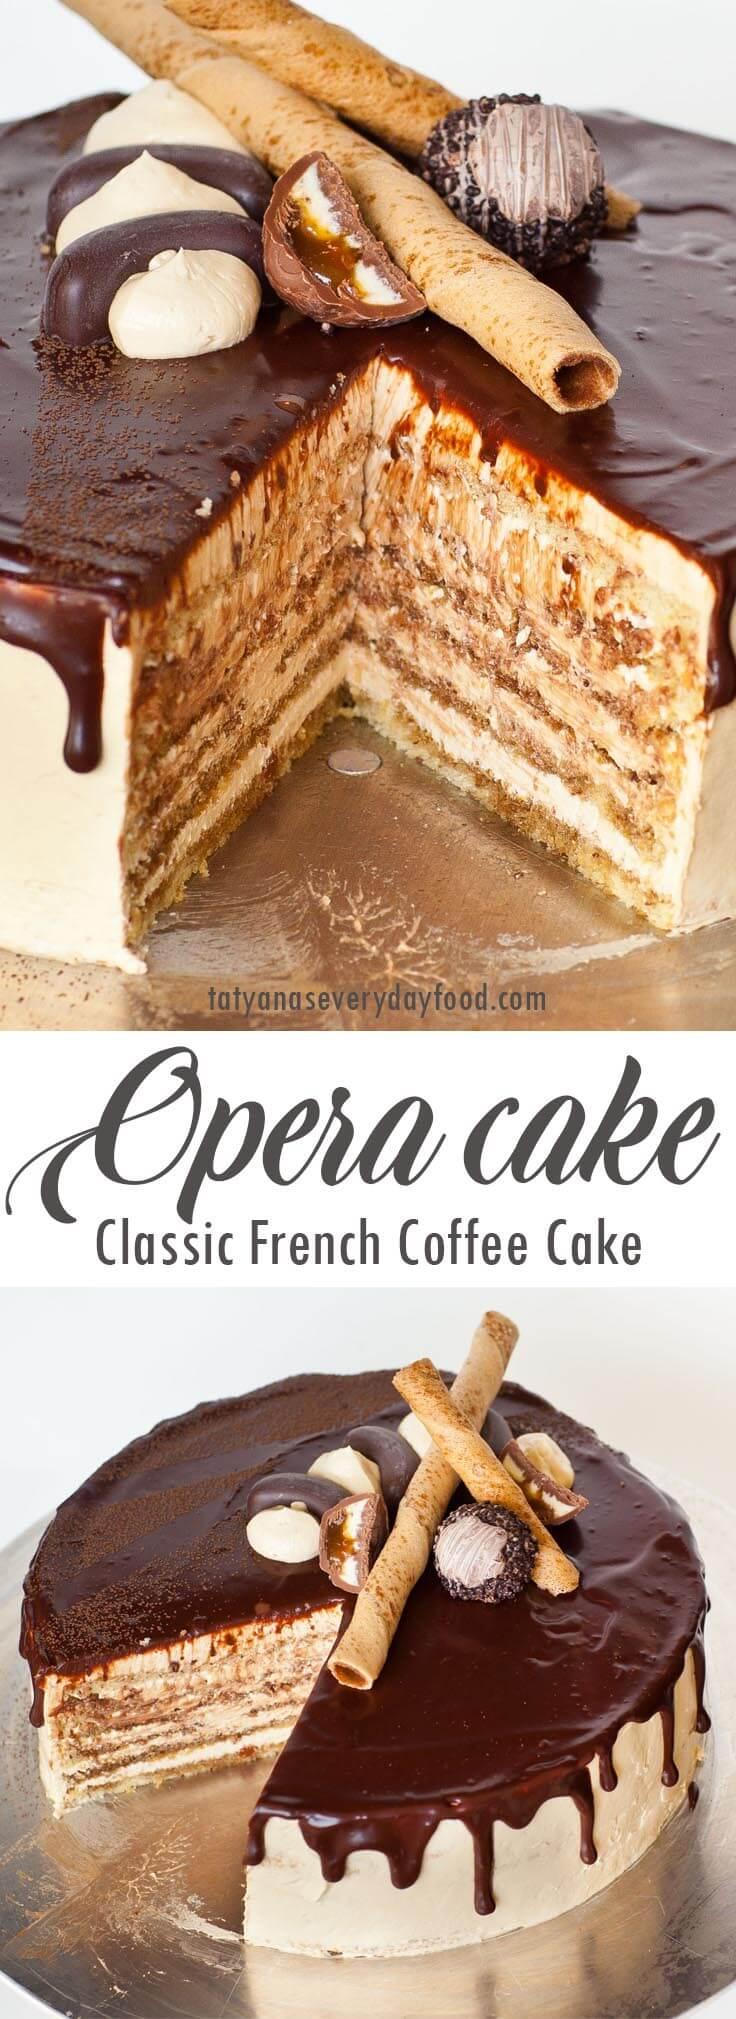 Classic Opera Cake video recipe